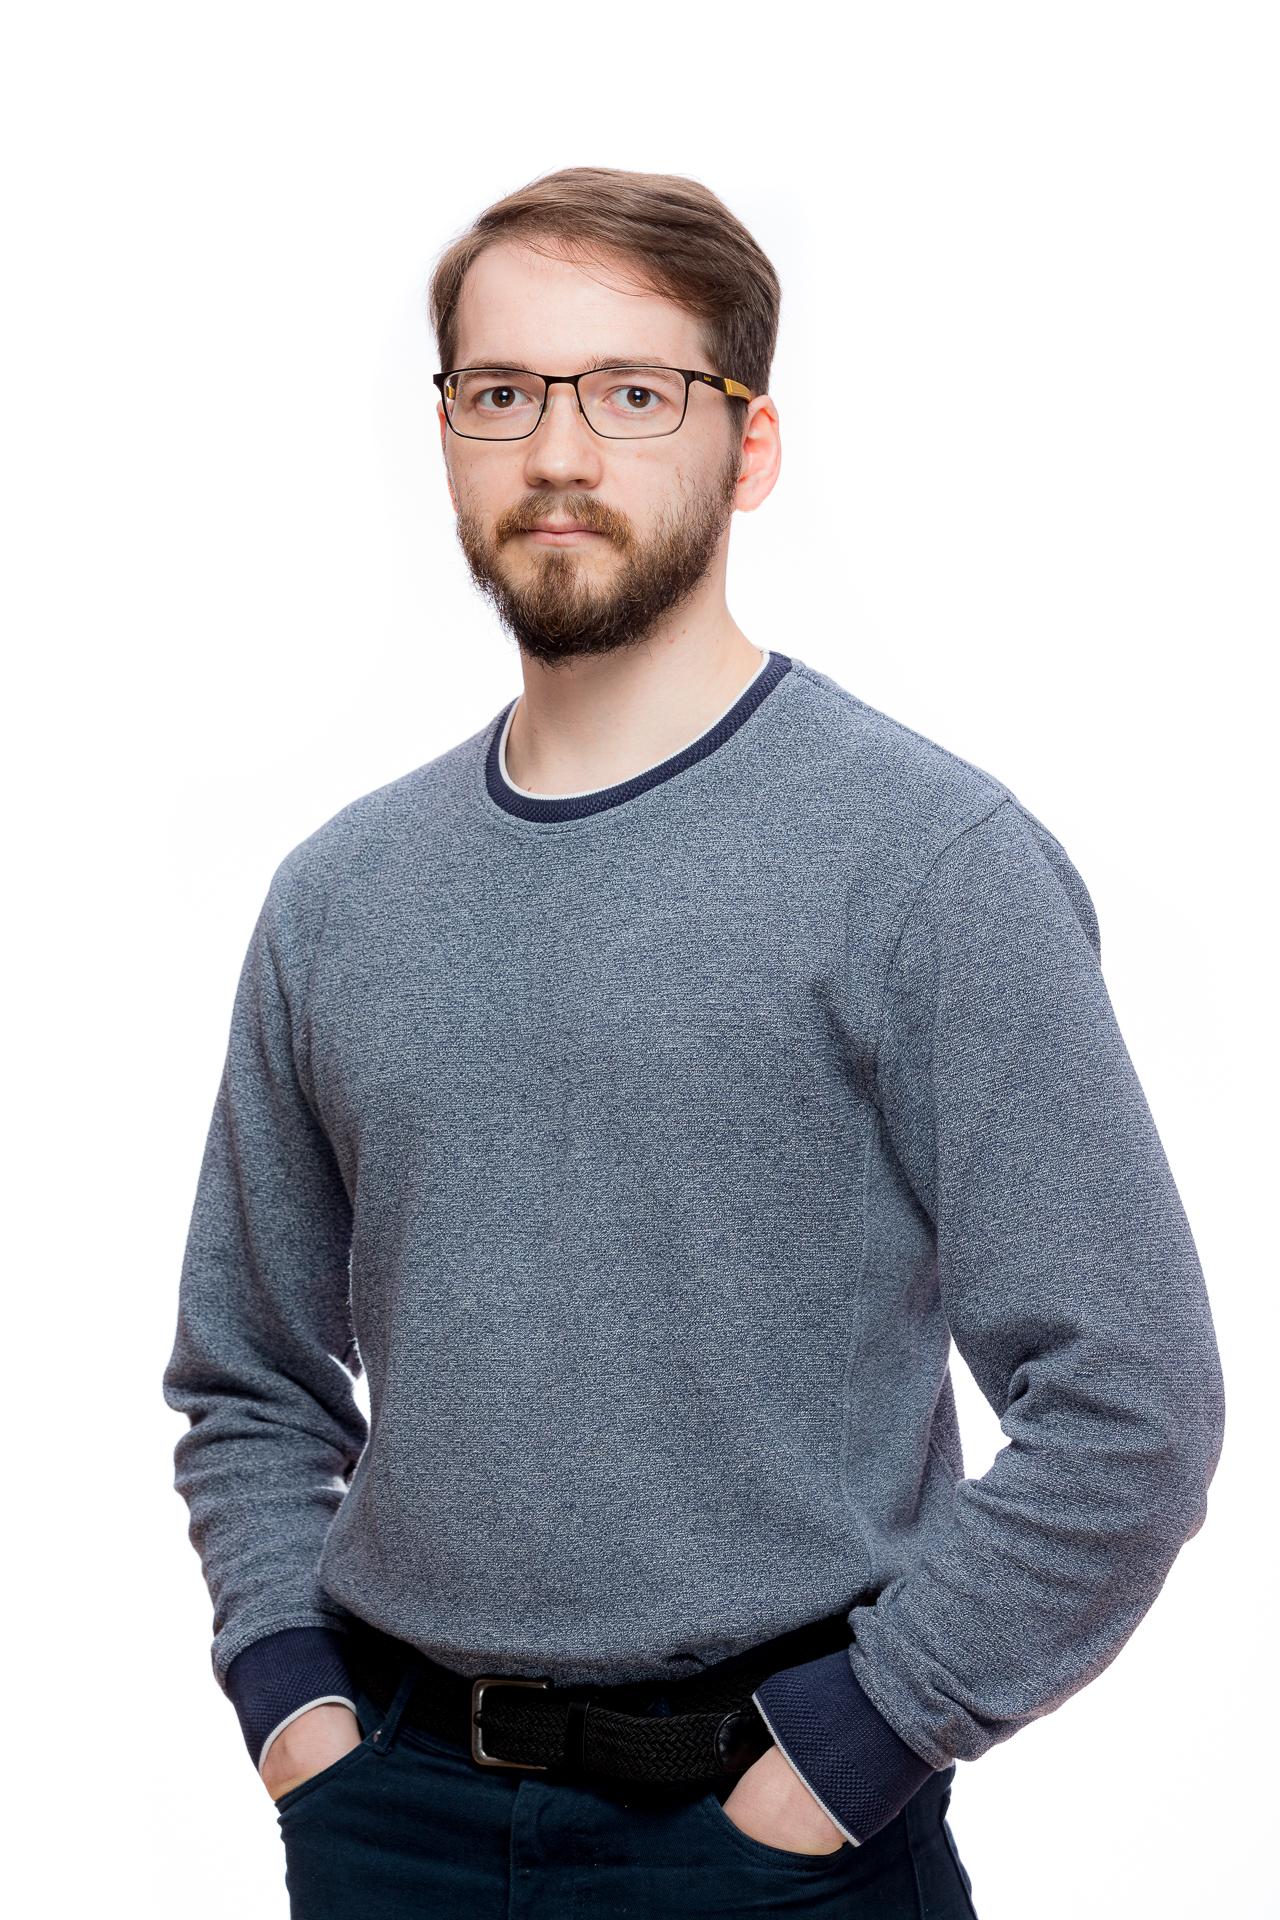 Mr K Parzonka